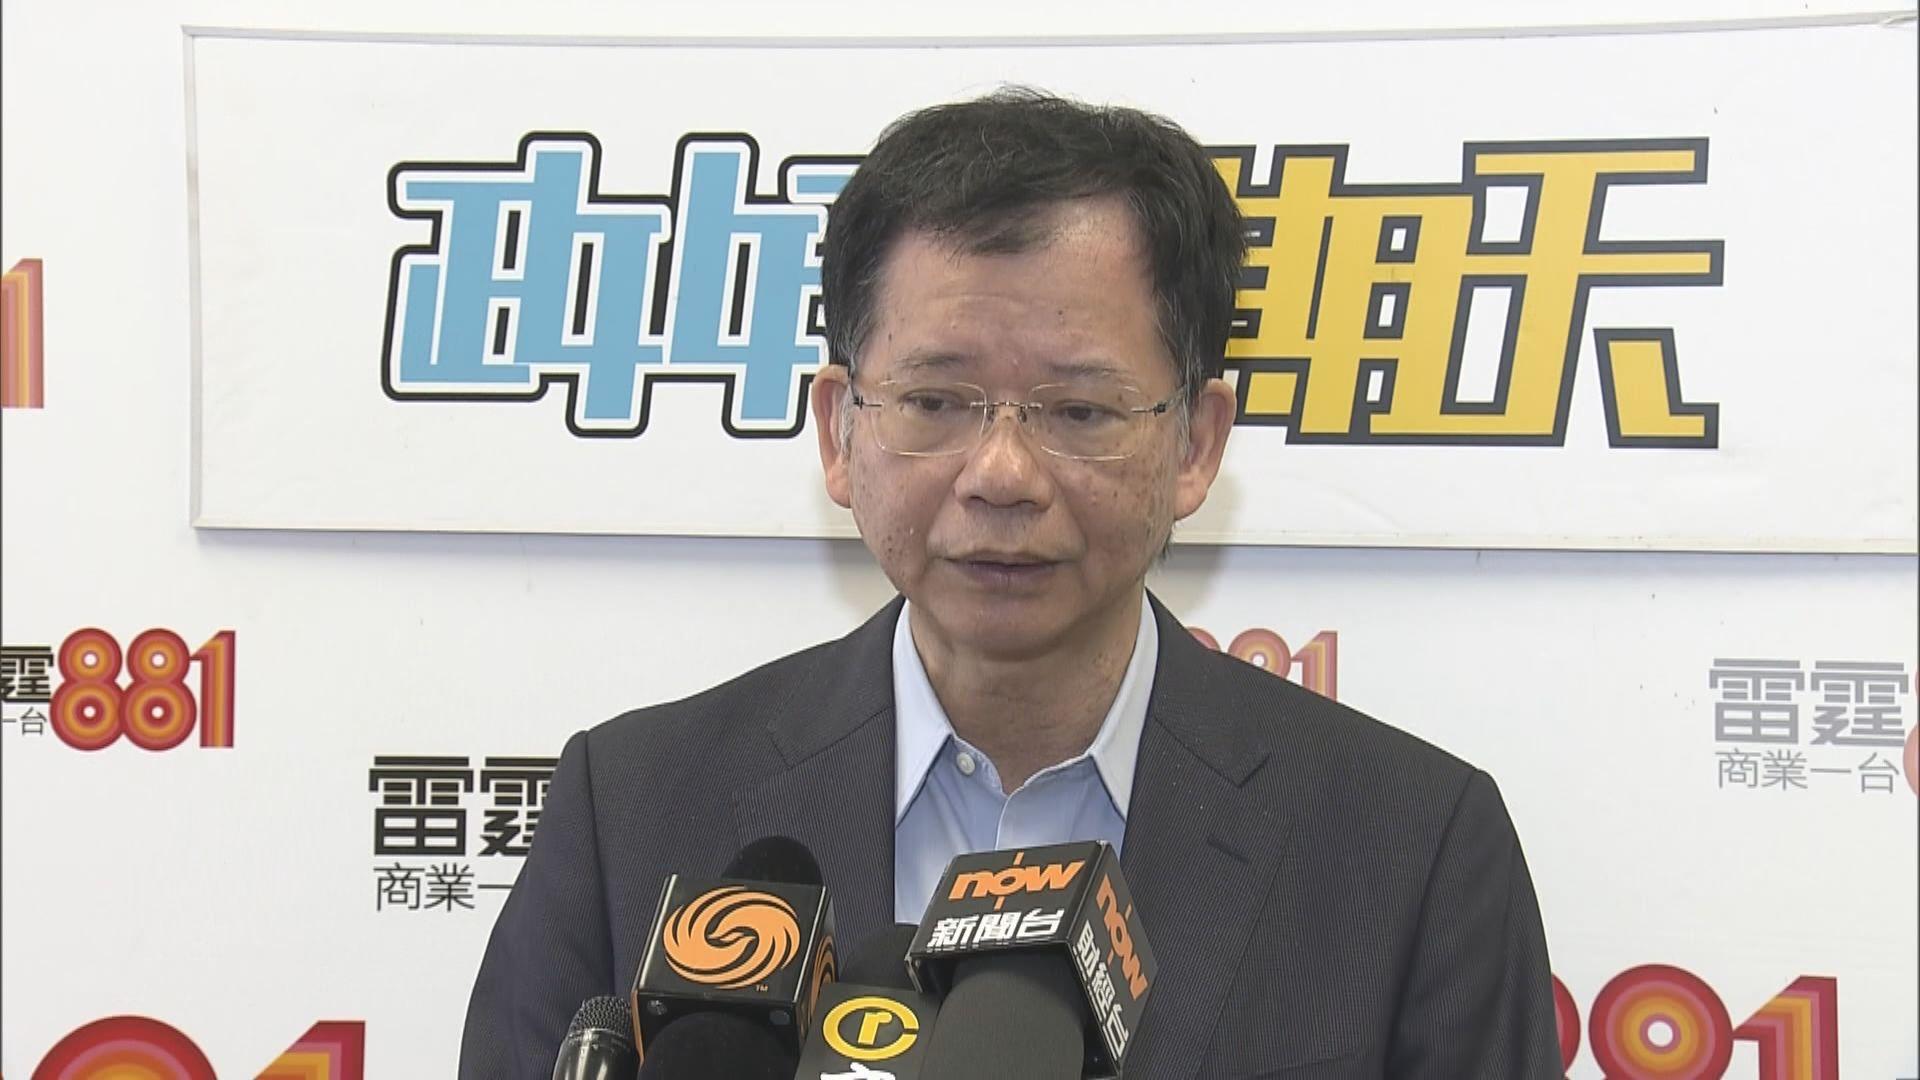 何漢權:教育局提醒學界守法是應有之義